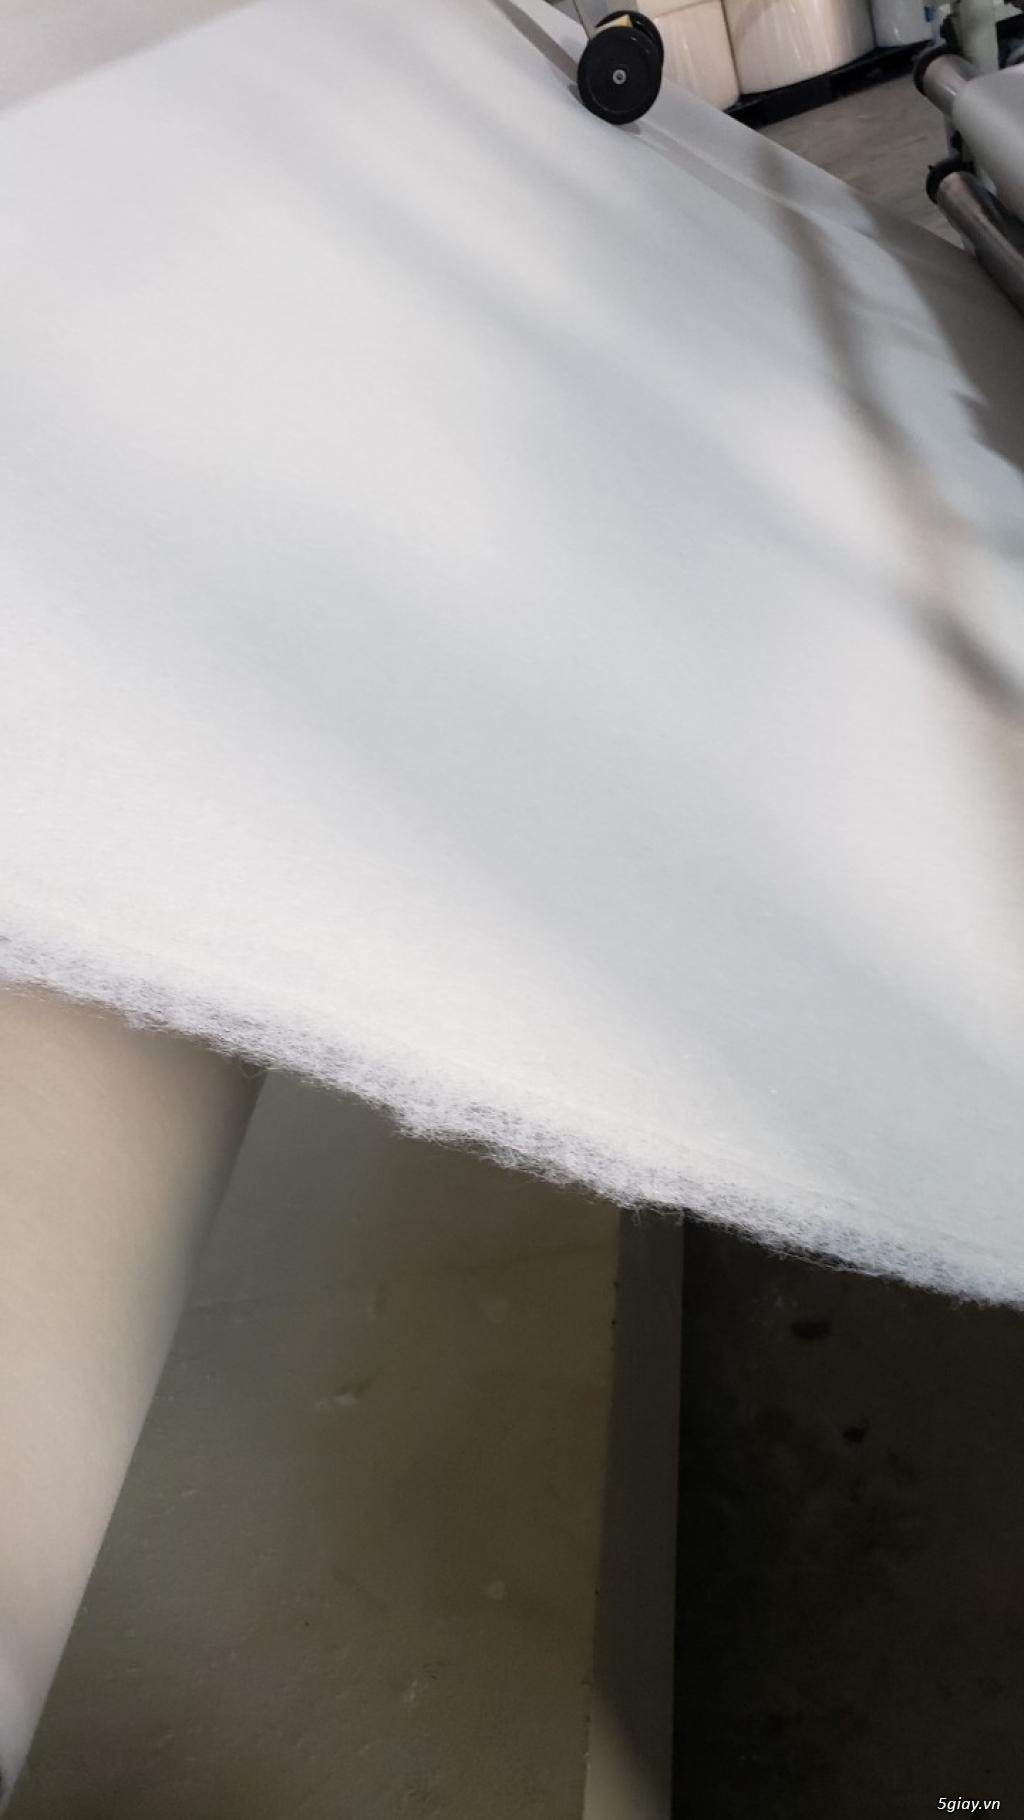 Nhà máy sản xuất : VẢI KHÔNG DỆT- FELT , Xăm Kim - 2